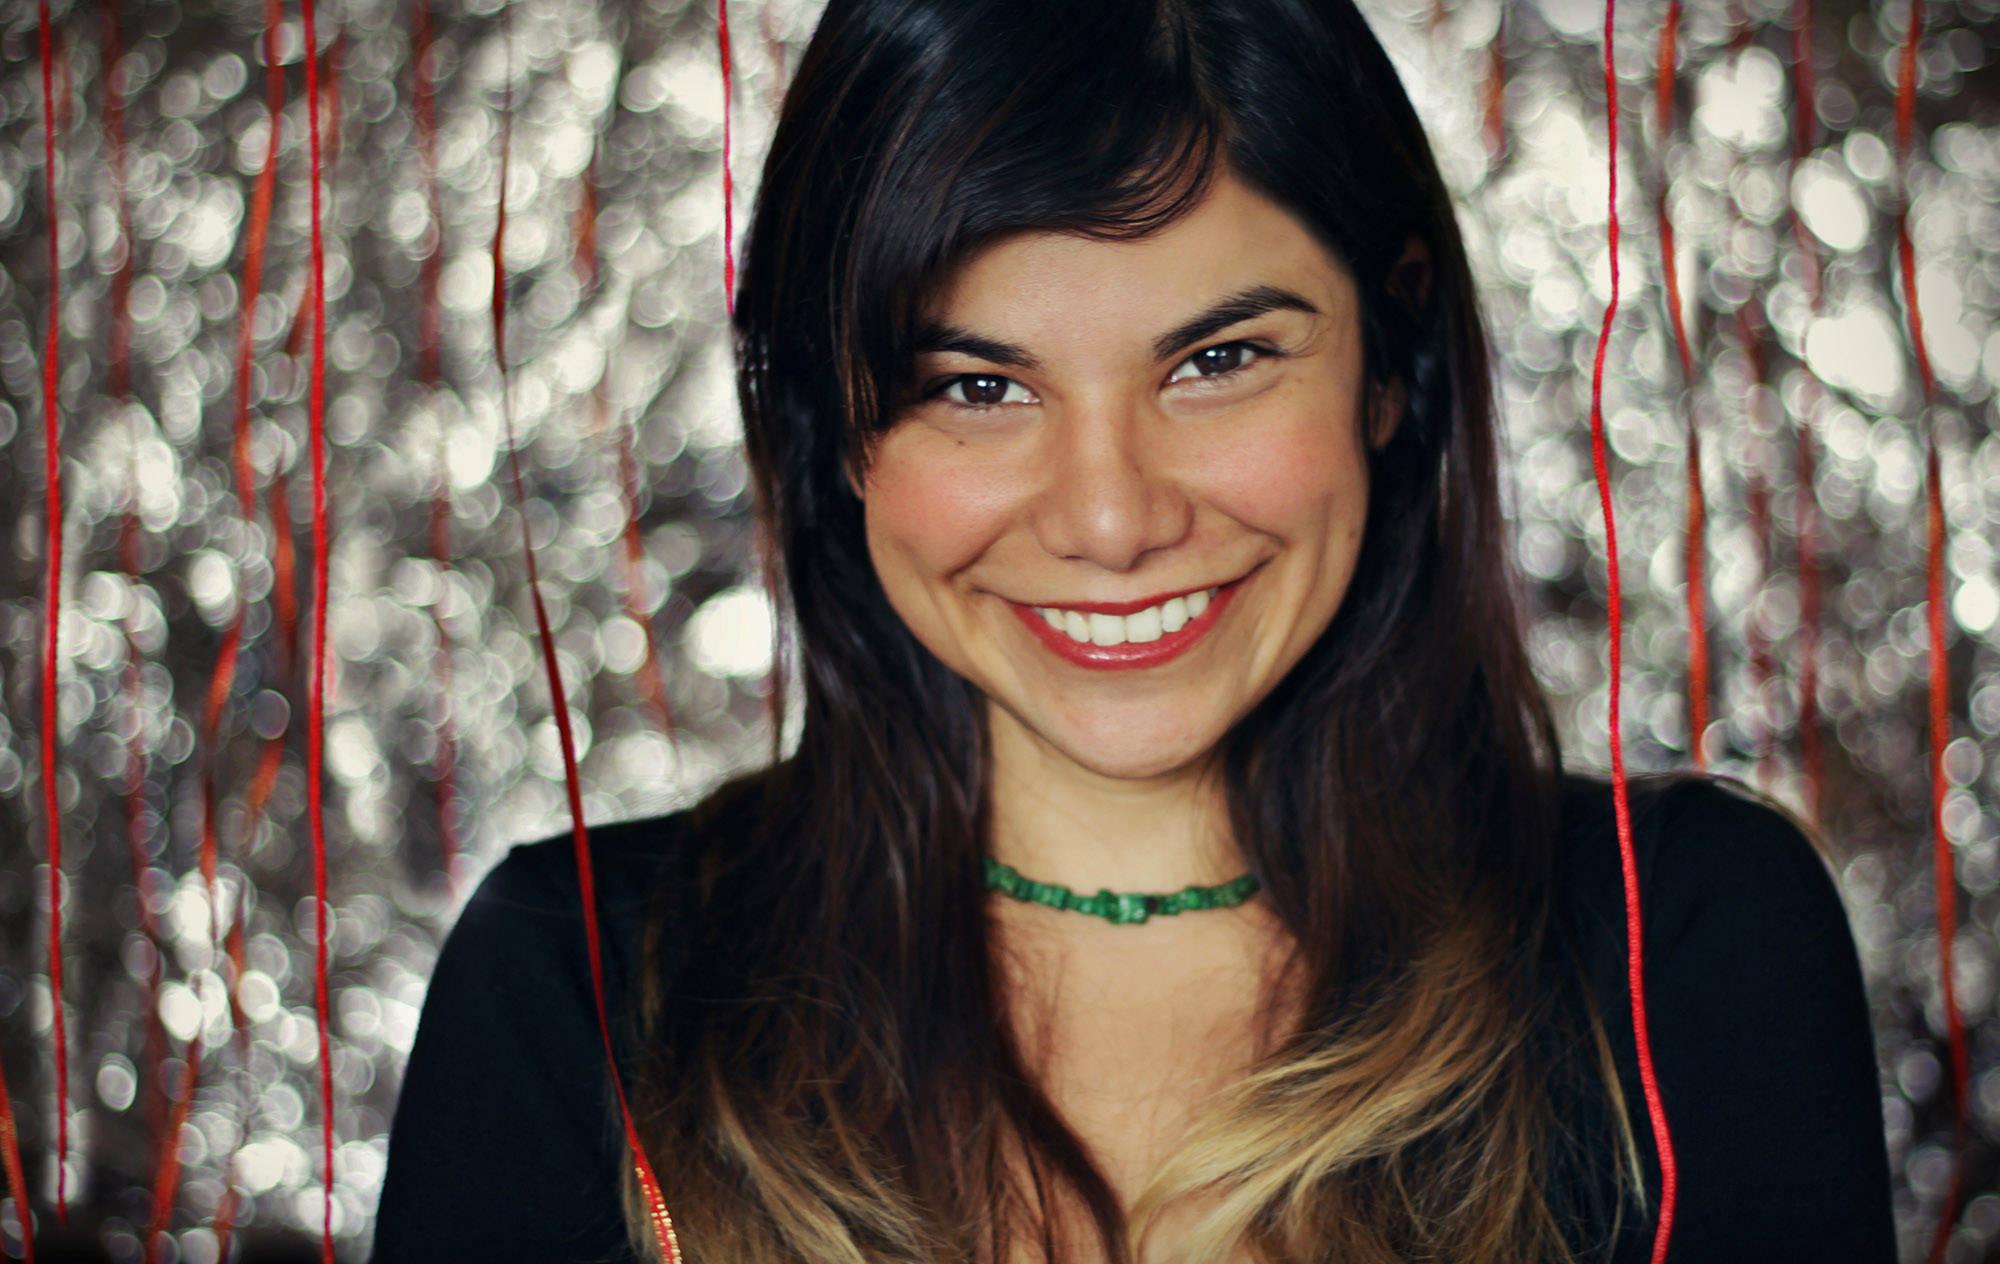 d98028ebe295c María Guadarrama seguirá formándose en la ilustración como método de  desarrollo de la inteligencia emocional.